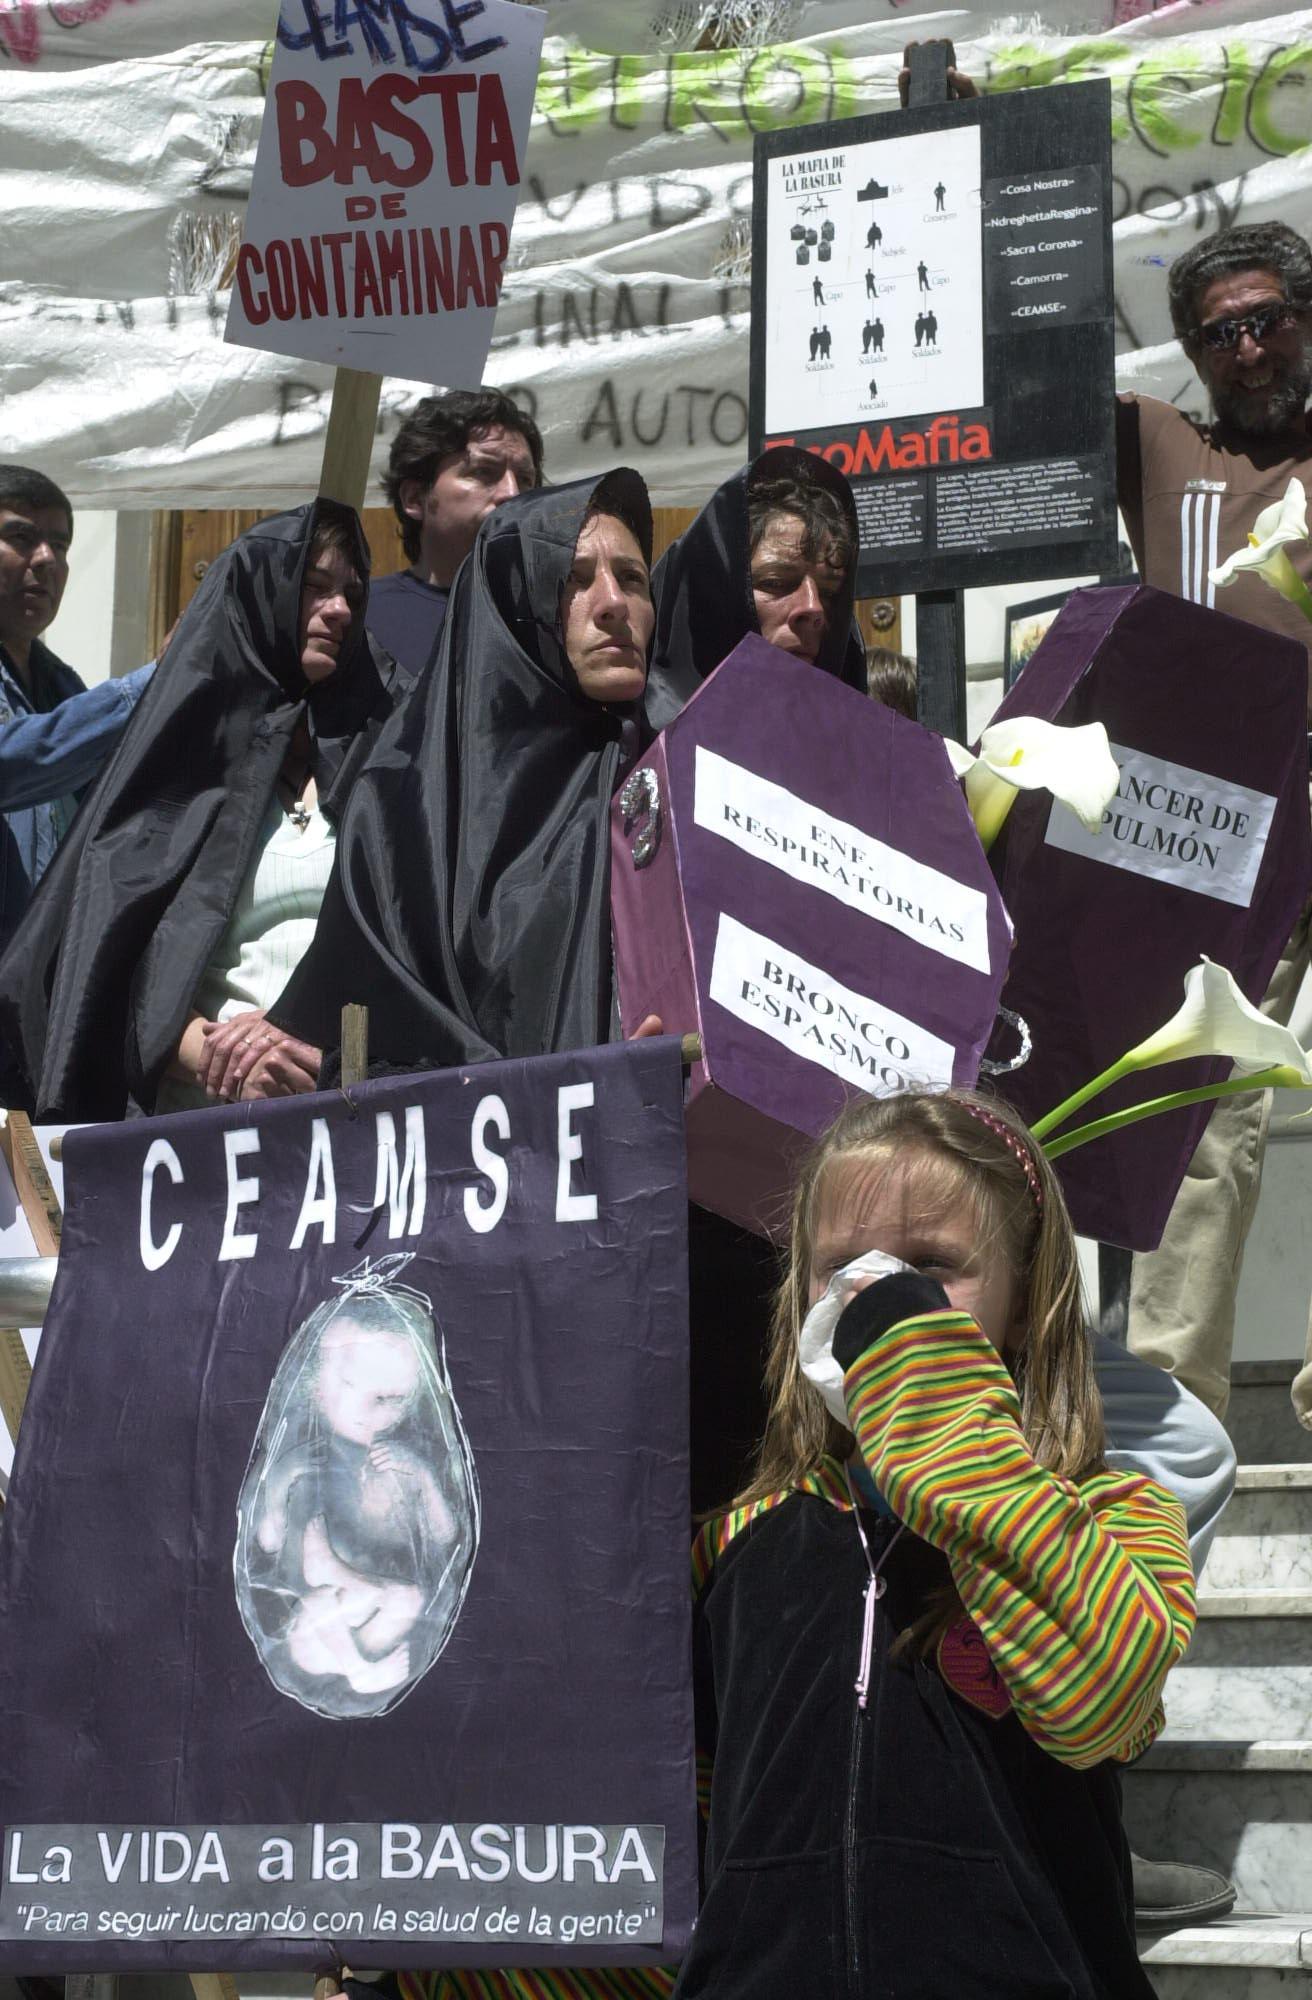 Protesta vecinal contra la CEAMSE